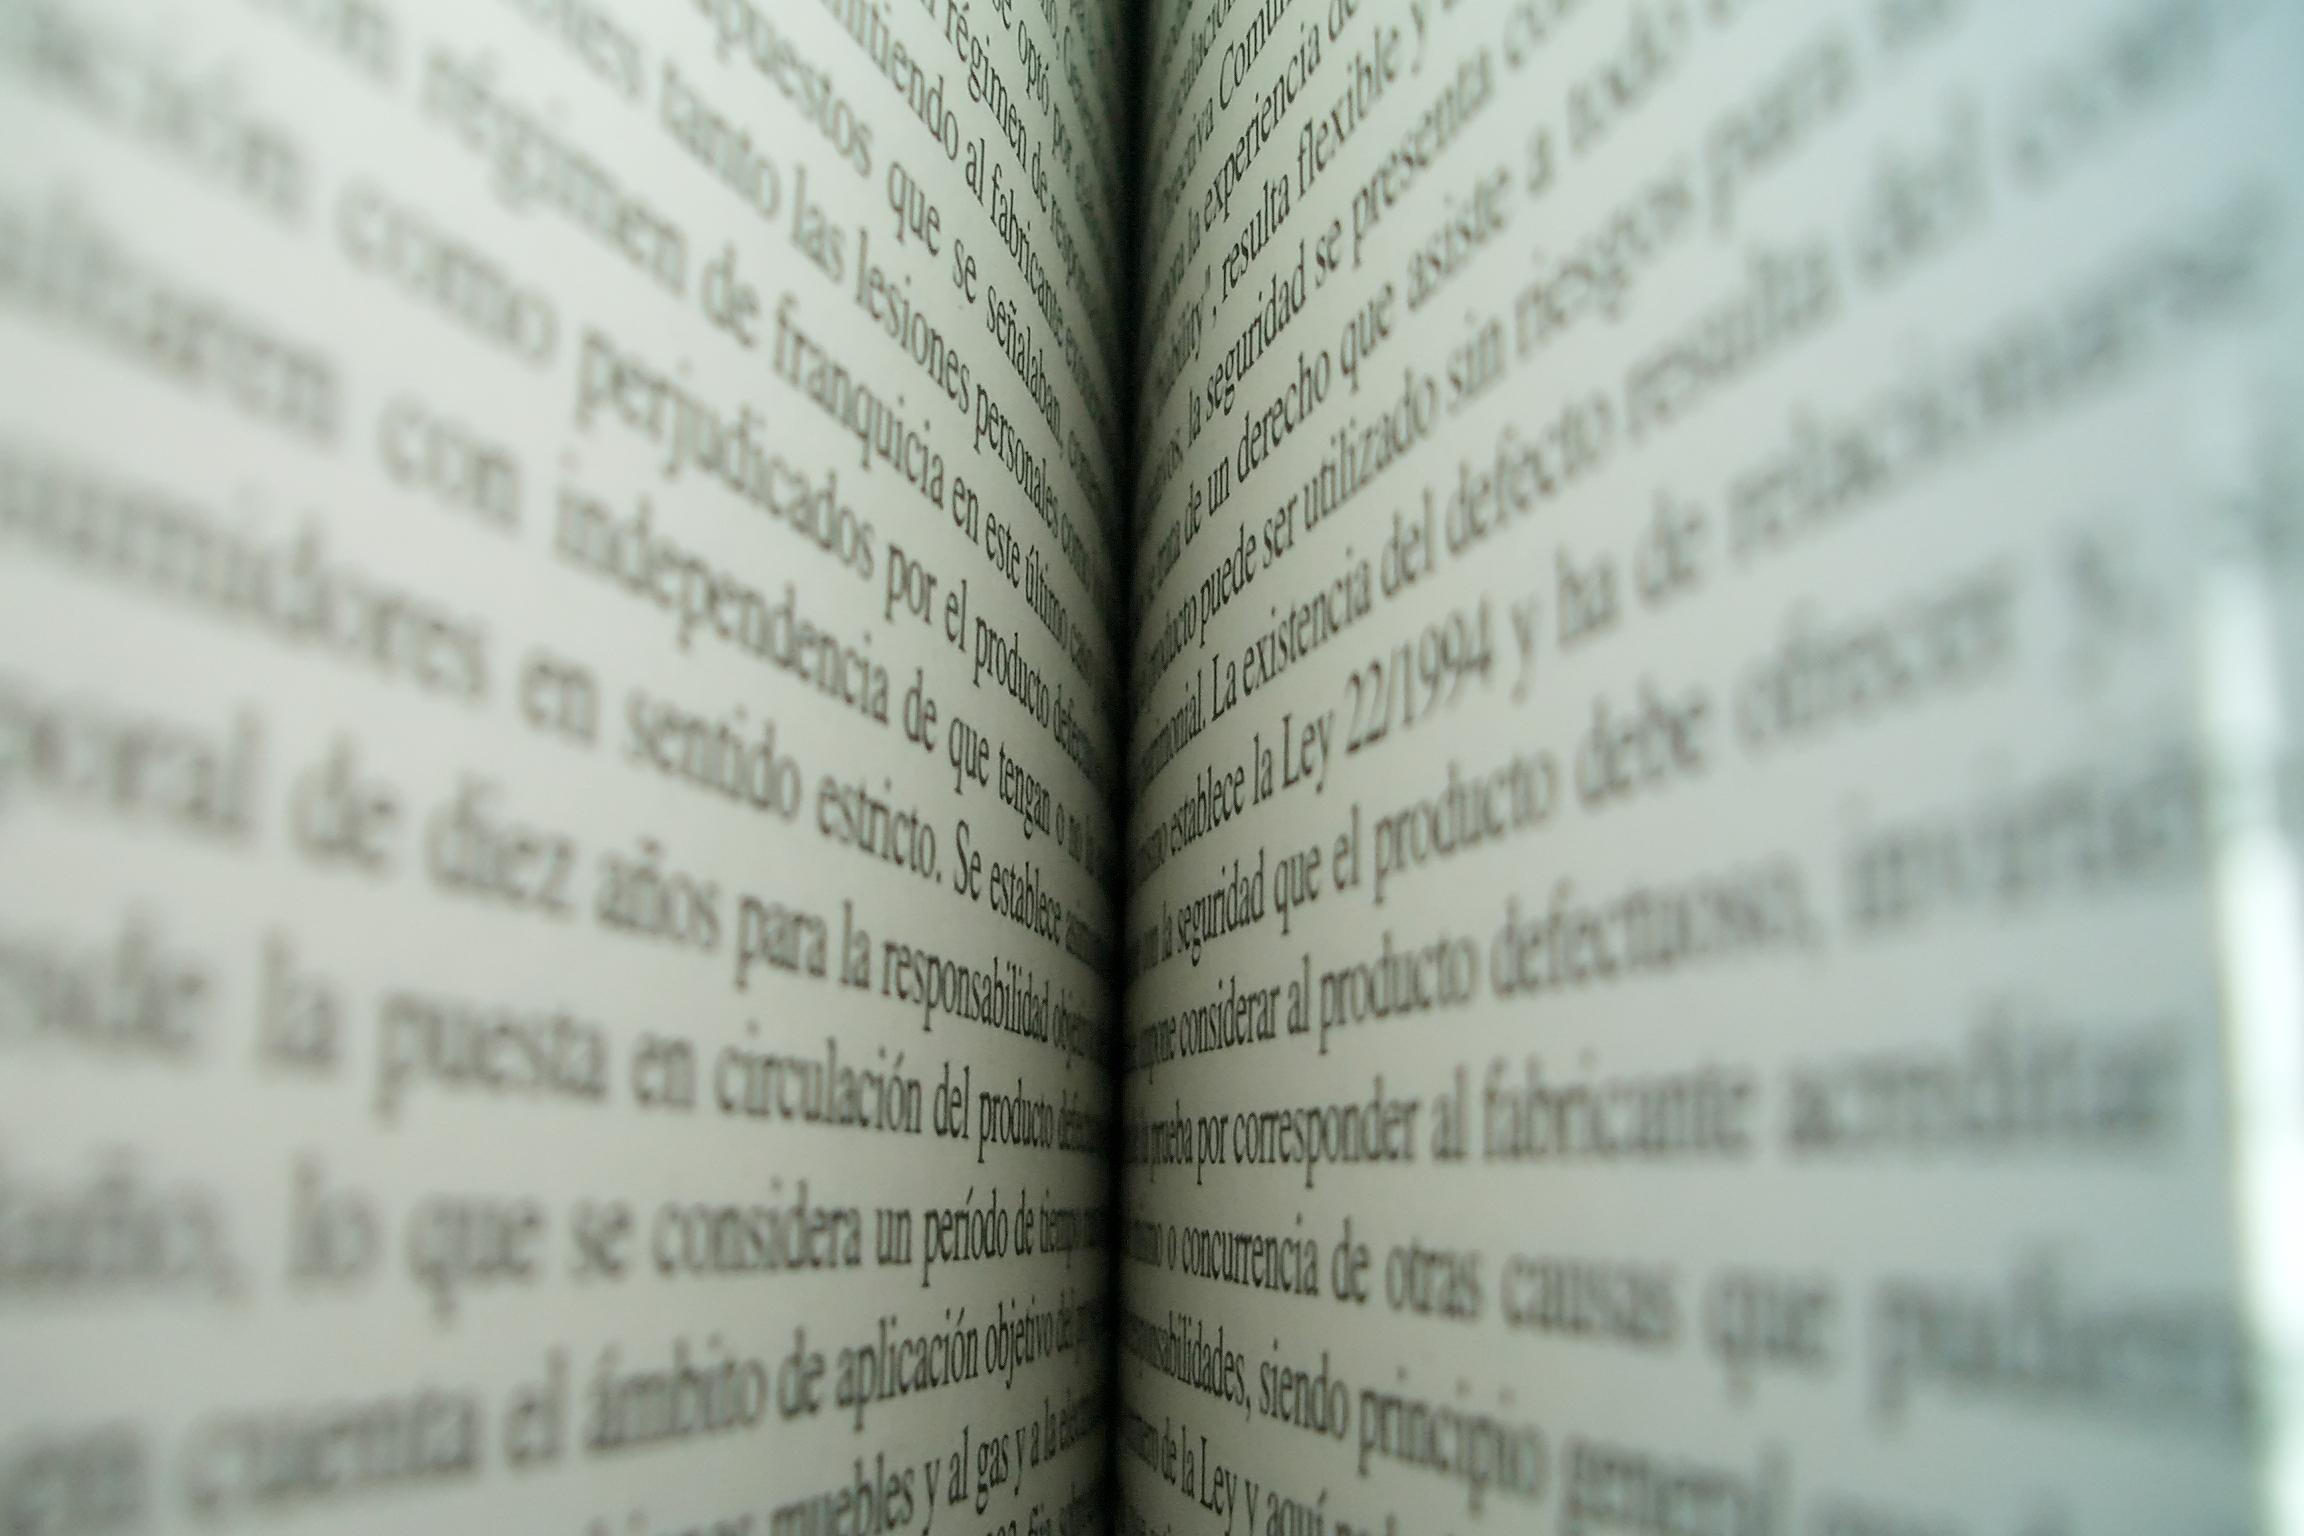 Metti un libro e una bambina viva mente - Pagine di ringraziamento e divertimento ...